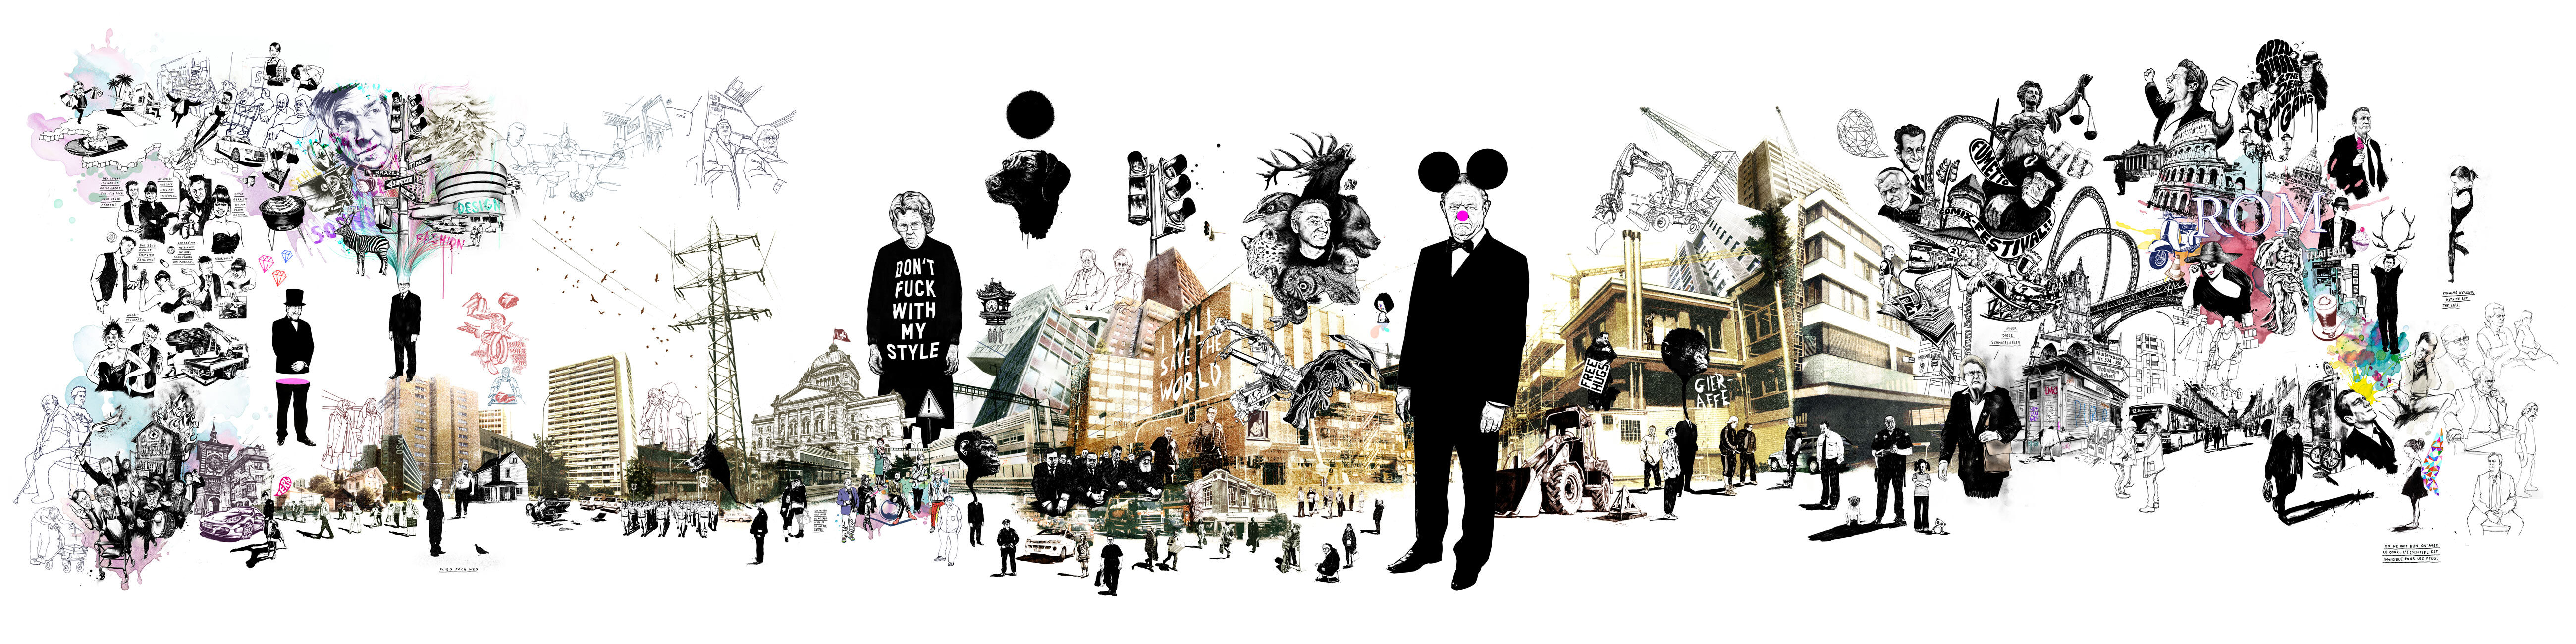 Panel - Kornel Illustration | Kornel Stadler portfolio